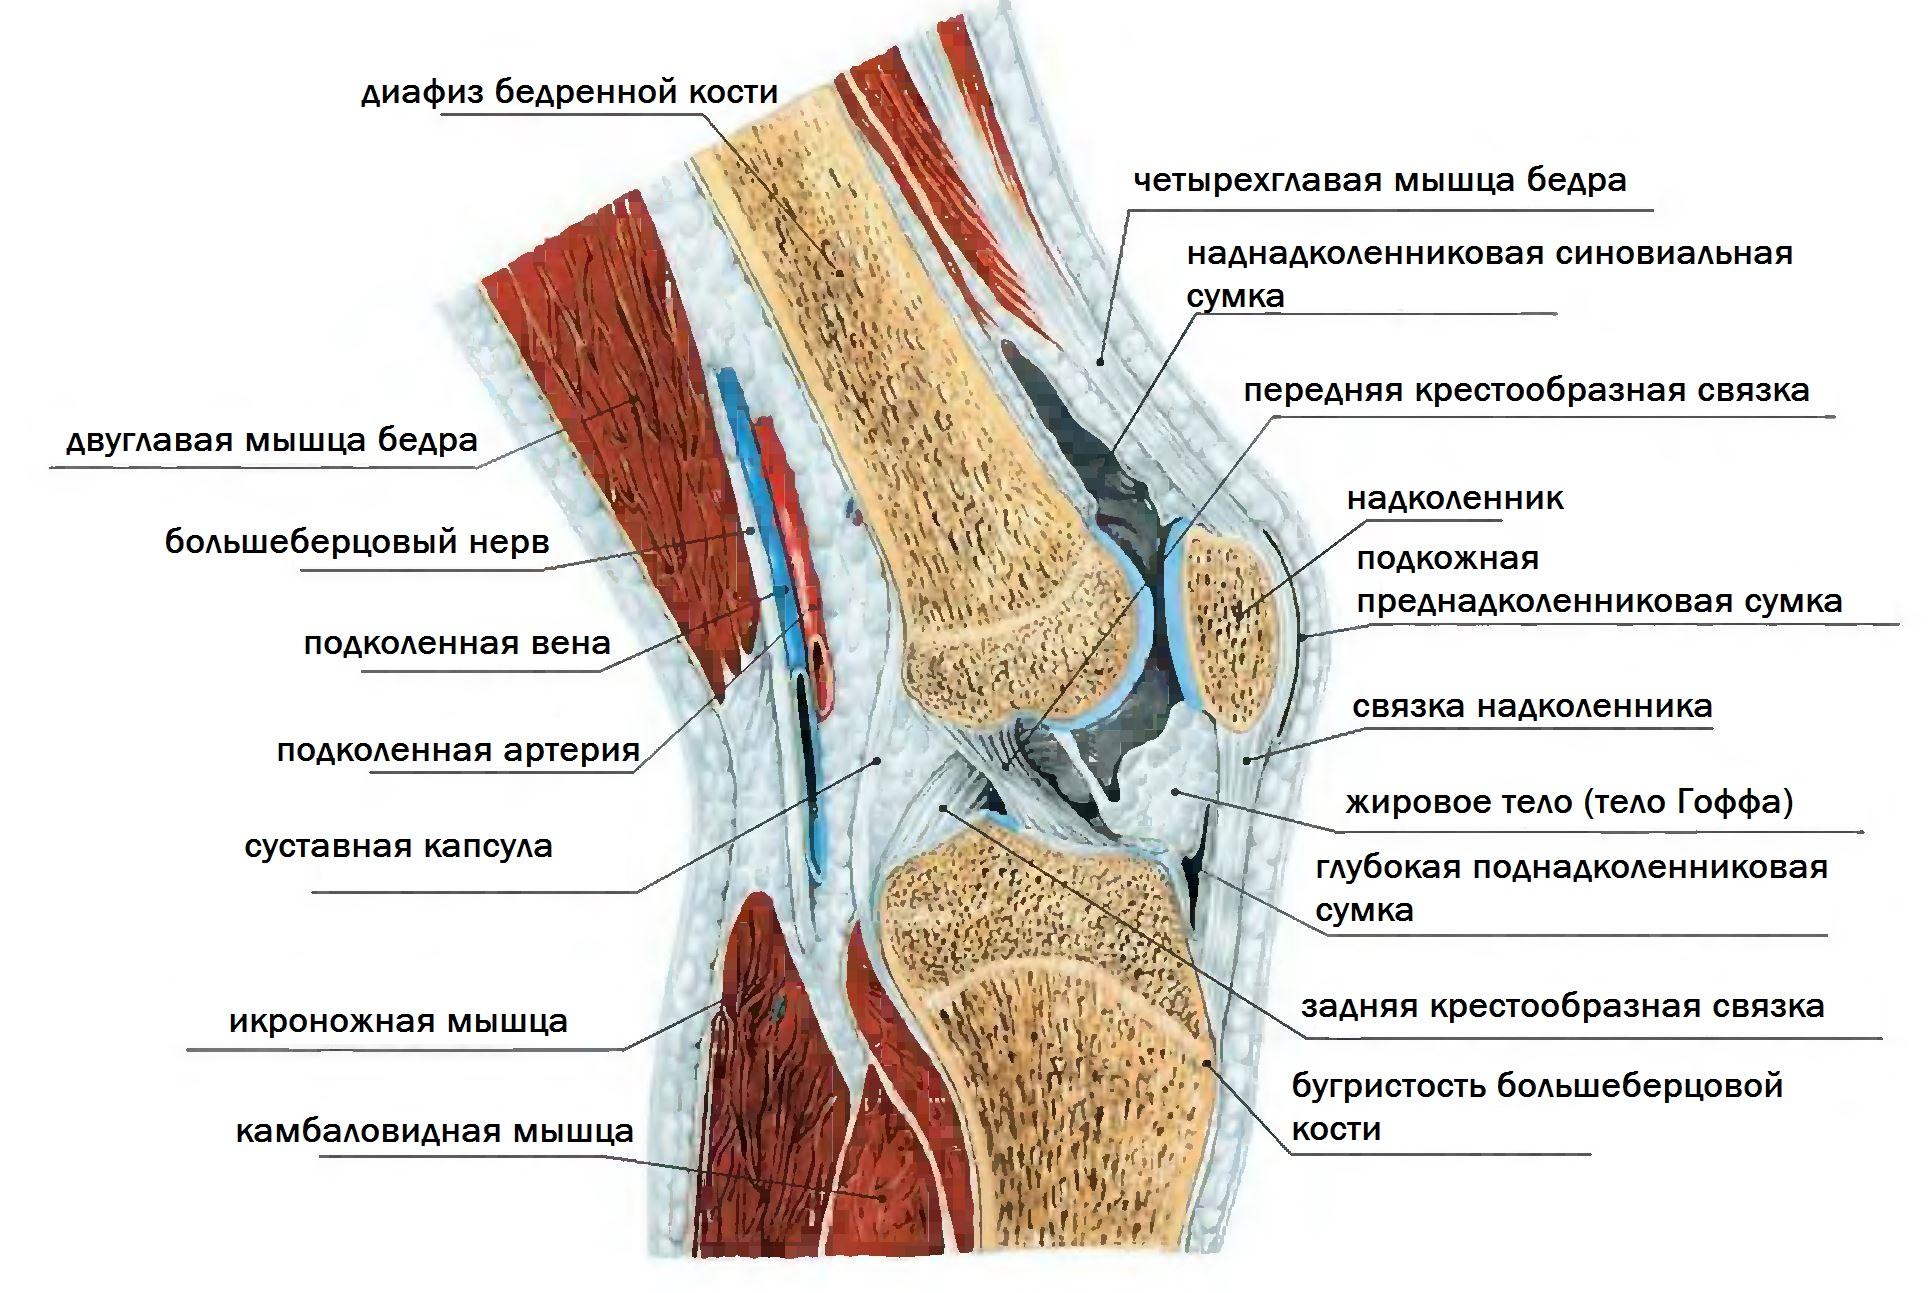 Анатомия сочленения